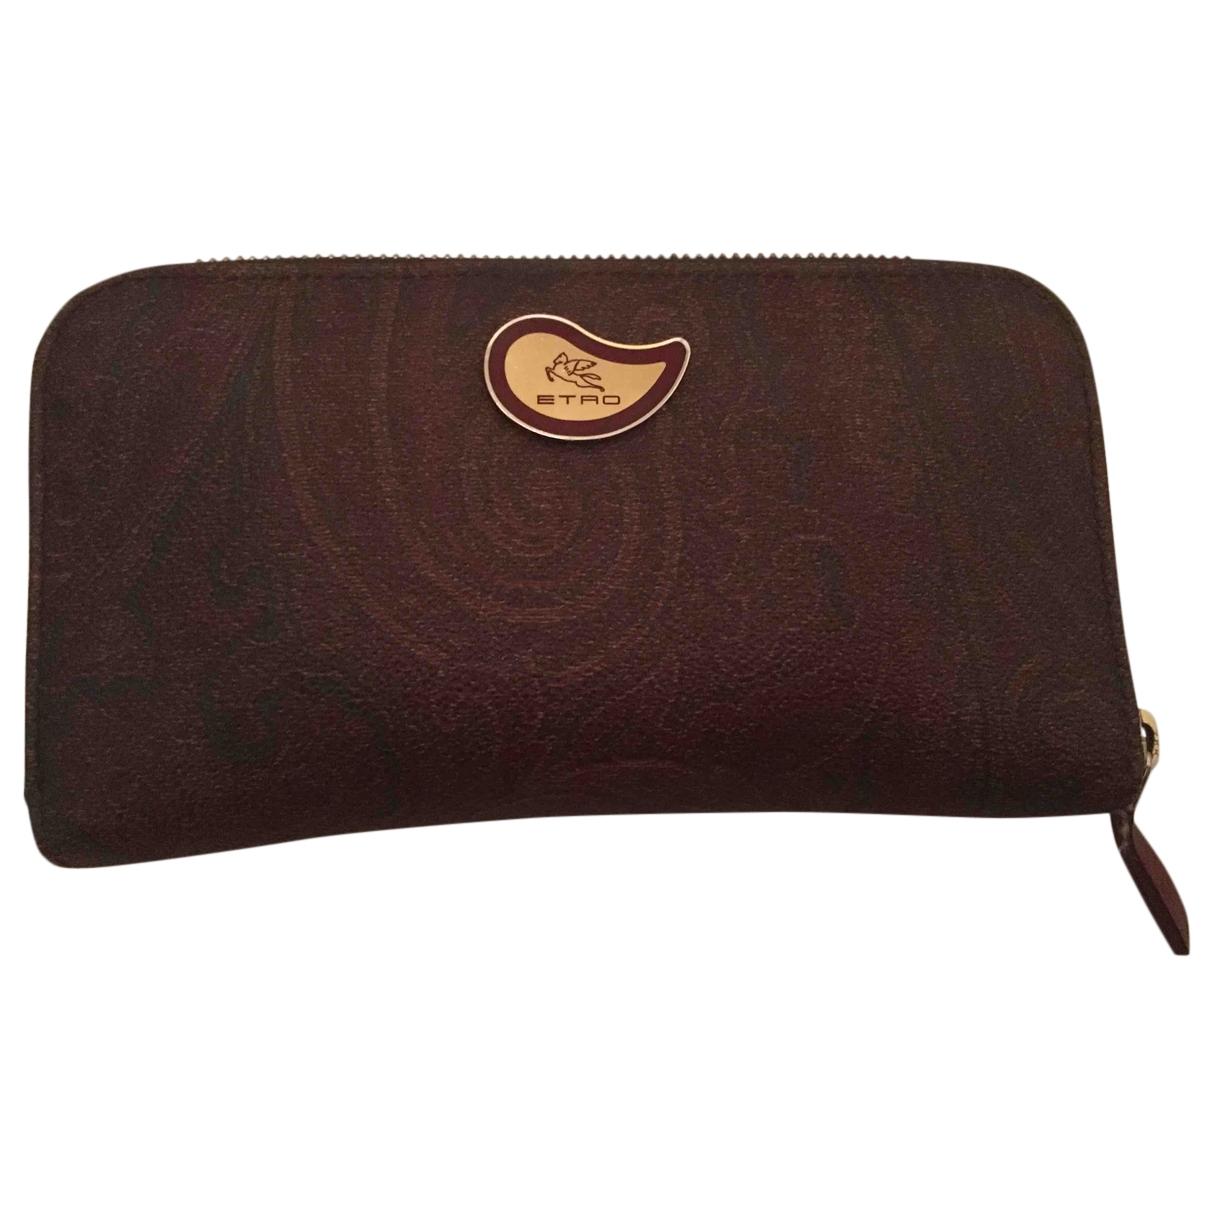 Etro - Portefeuille   pour femme en cuir - marron